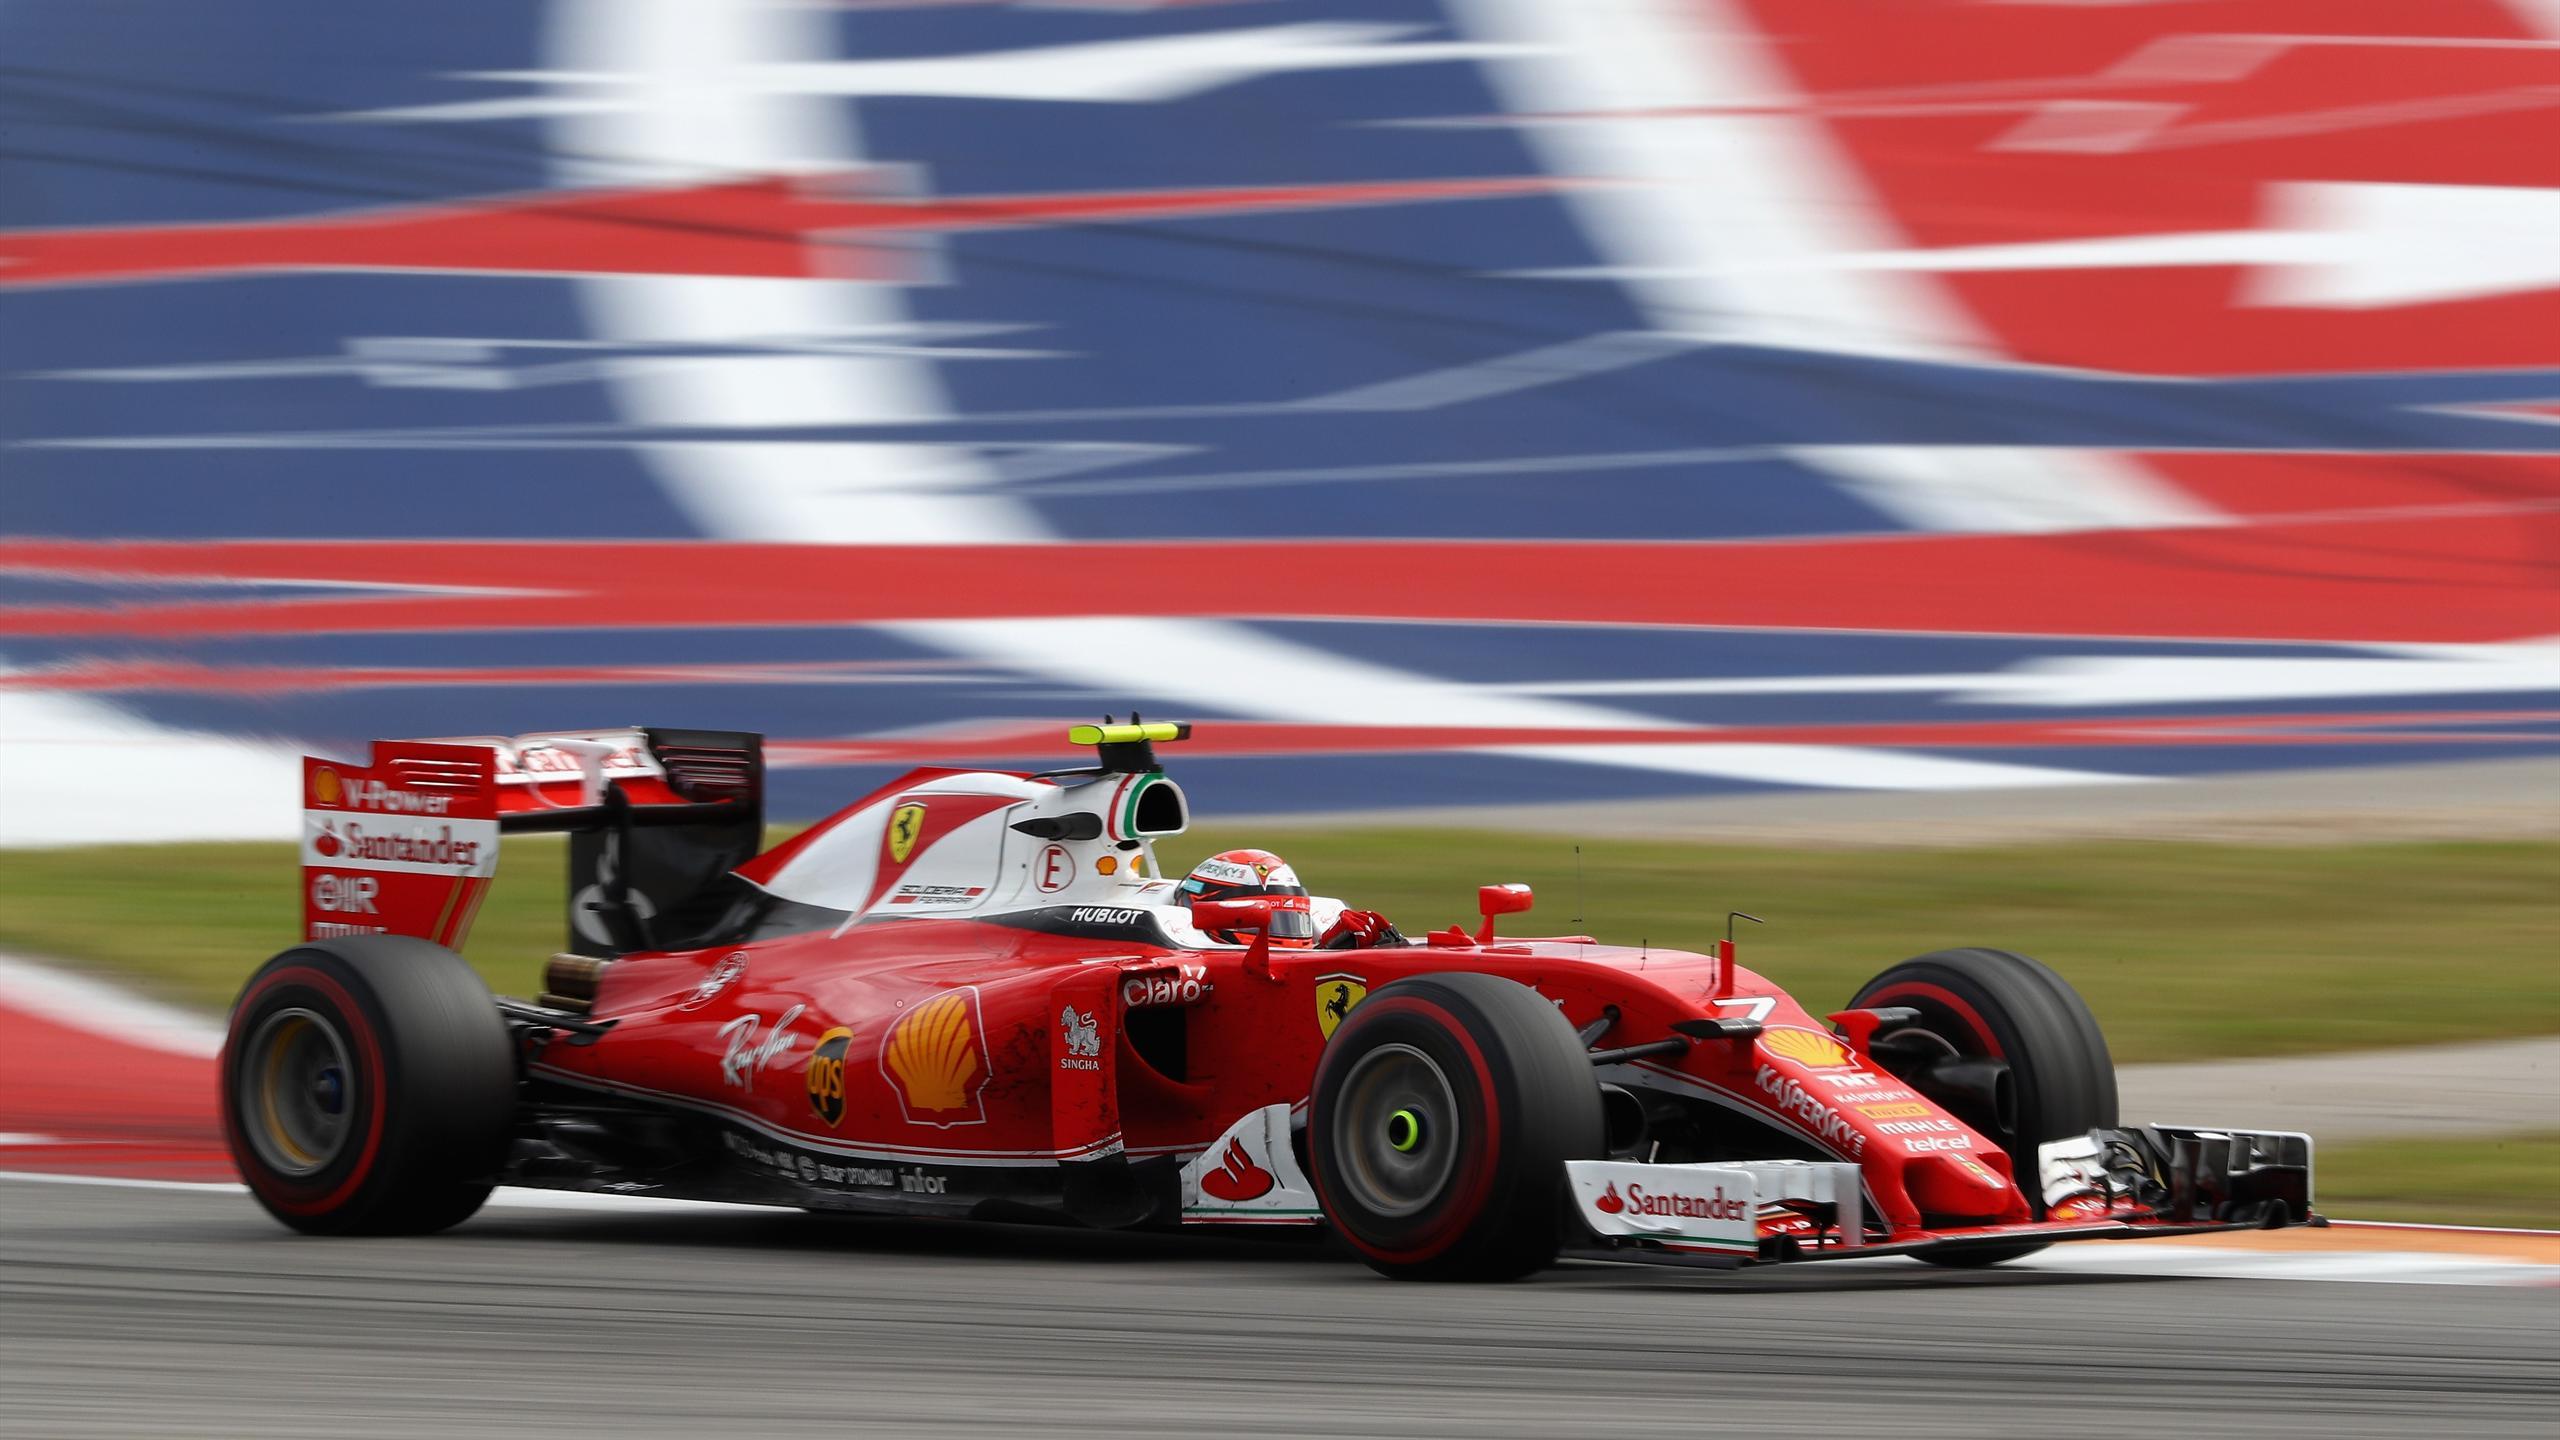 Kimi Räikkönen (Ferrari) au Grand Prix des Etats-Unis d'Amérique 2016